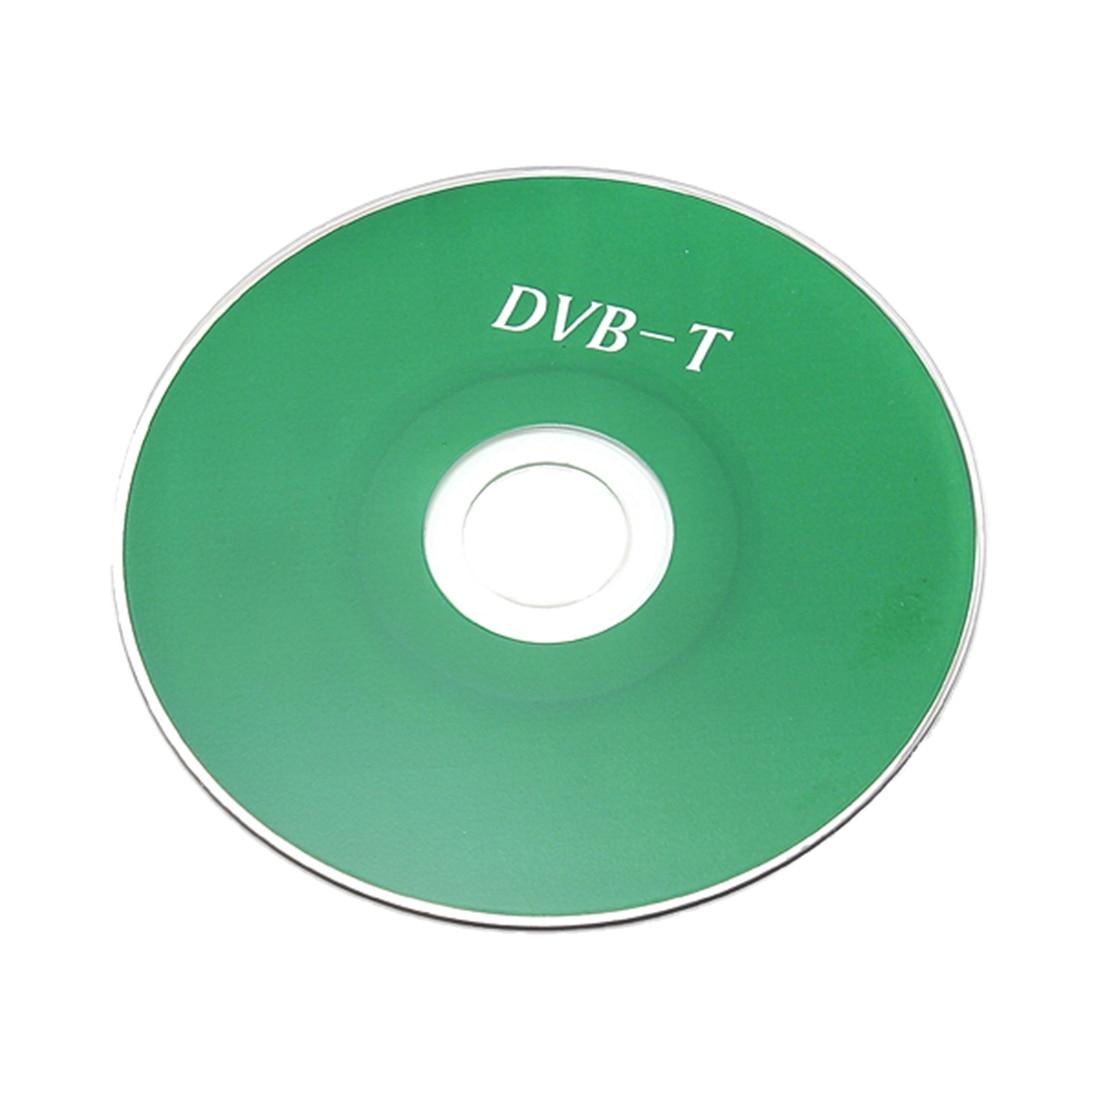 Tuner TV DVB-T RTL2832U + - Audio dhe video në shtëpi - Foto 5